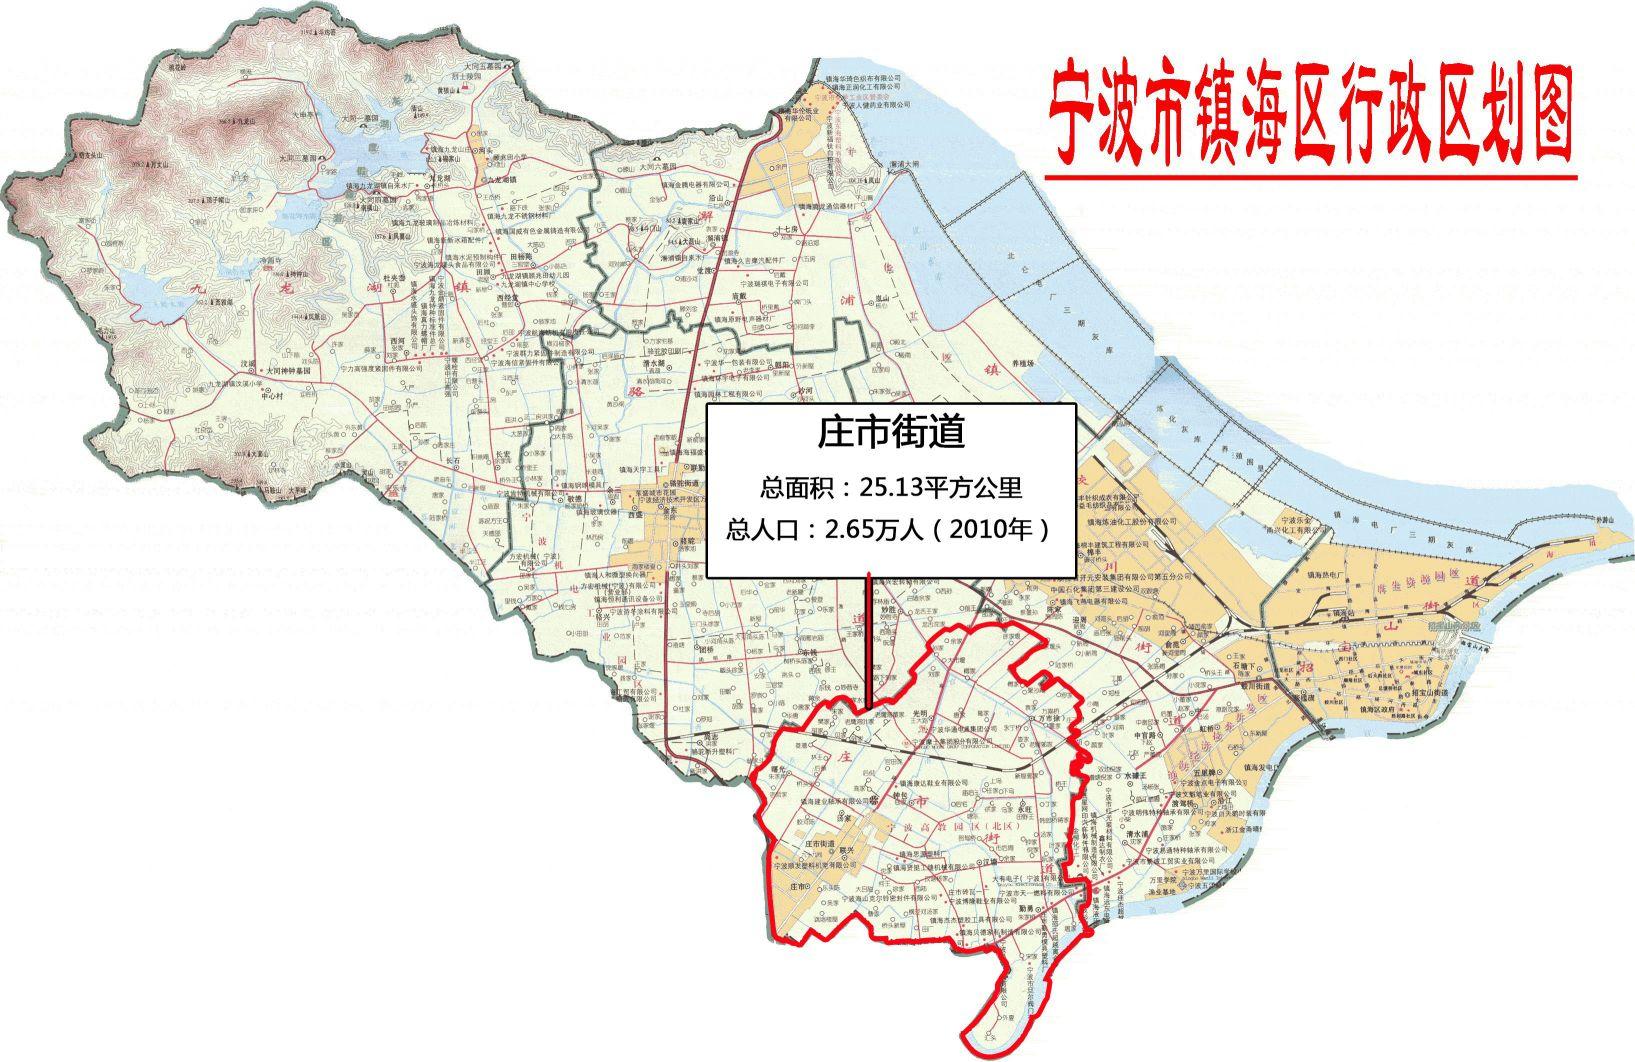 镇海区庄市街道地图全图高清版